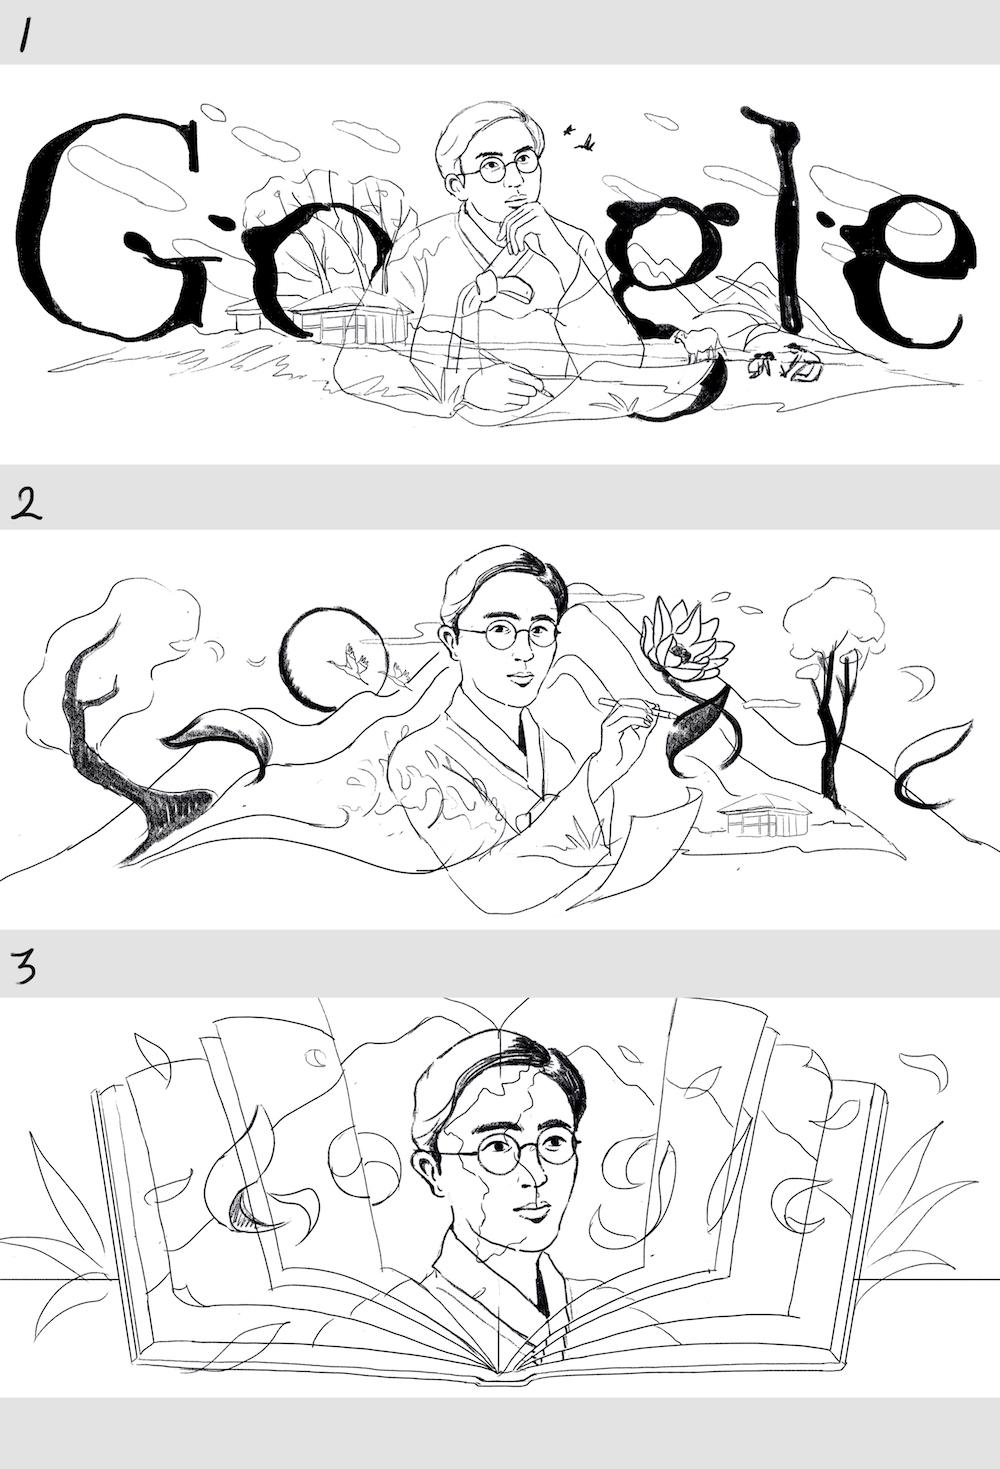 구글두들 정지용 17일 구글 기념일 로고는 시인 정지용 탄생 117주년 기념